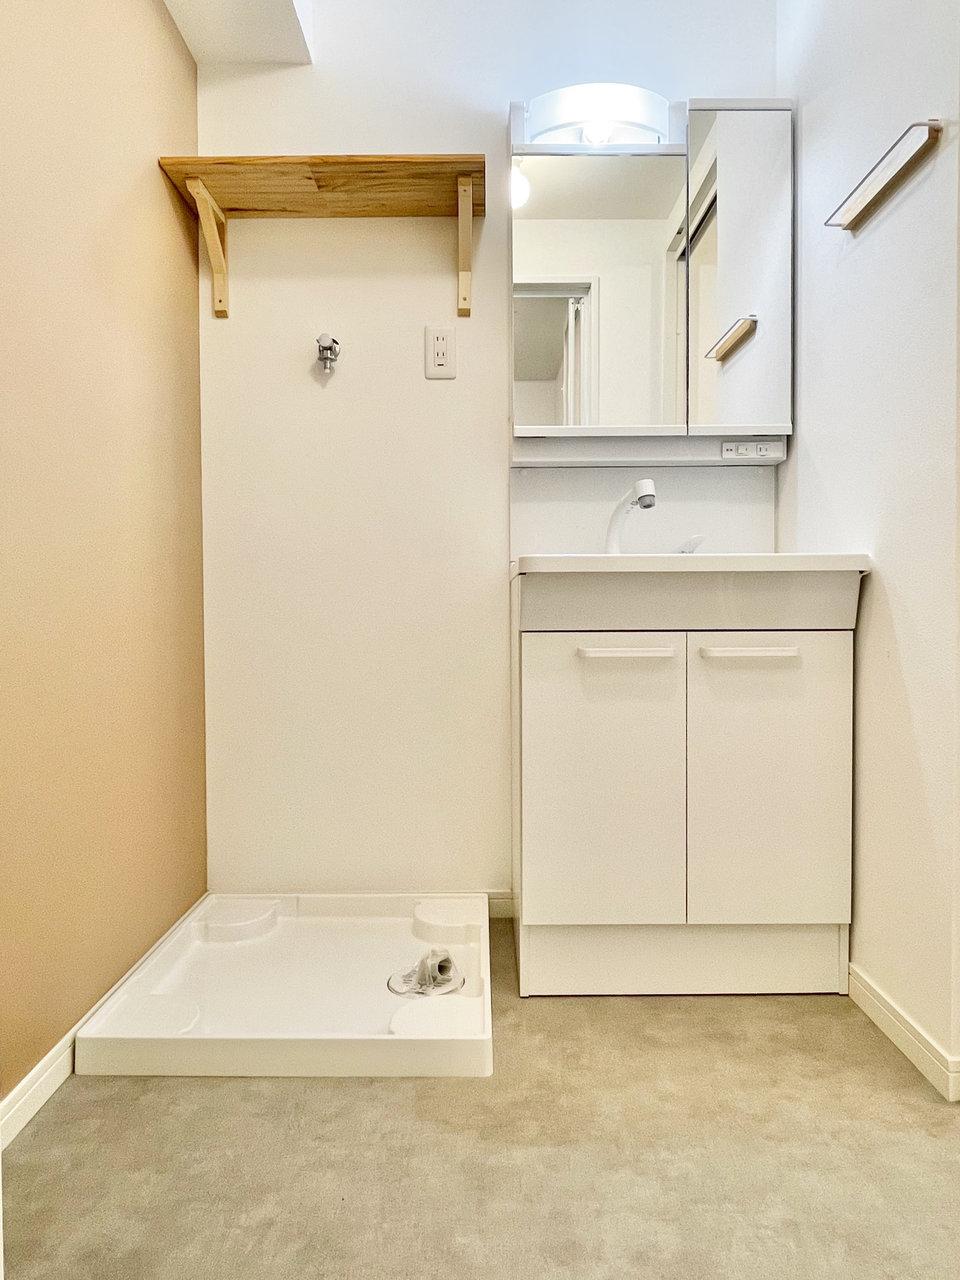 独立洗面台もついていますよ。洗濯機置き場の上の棚もいい感じ。こうしたデザイン性の高い、心くすぐる設備があちこちにあるのも、TOMOSがこだわっているポイントのひとつなんです。